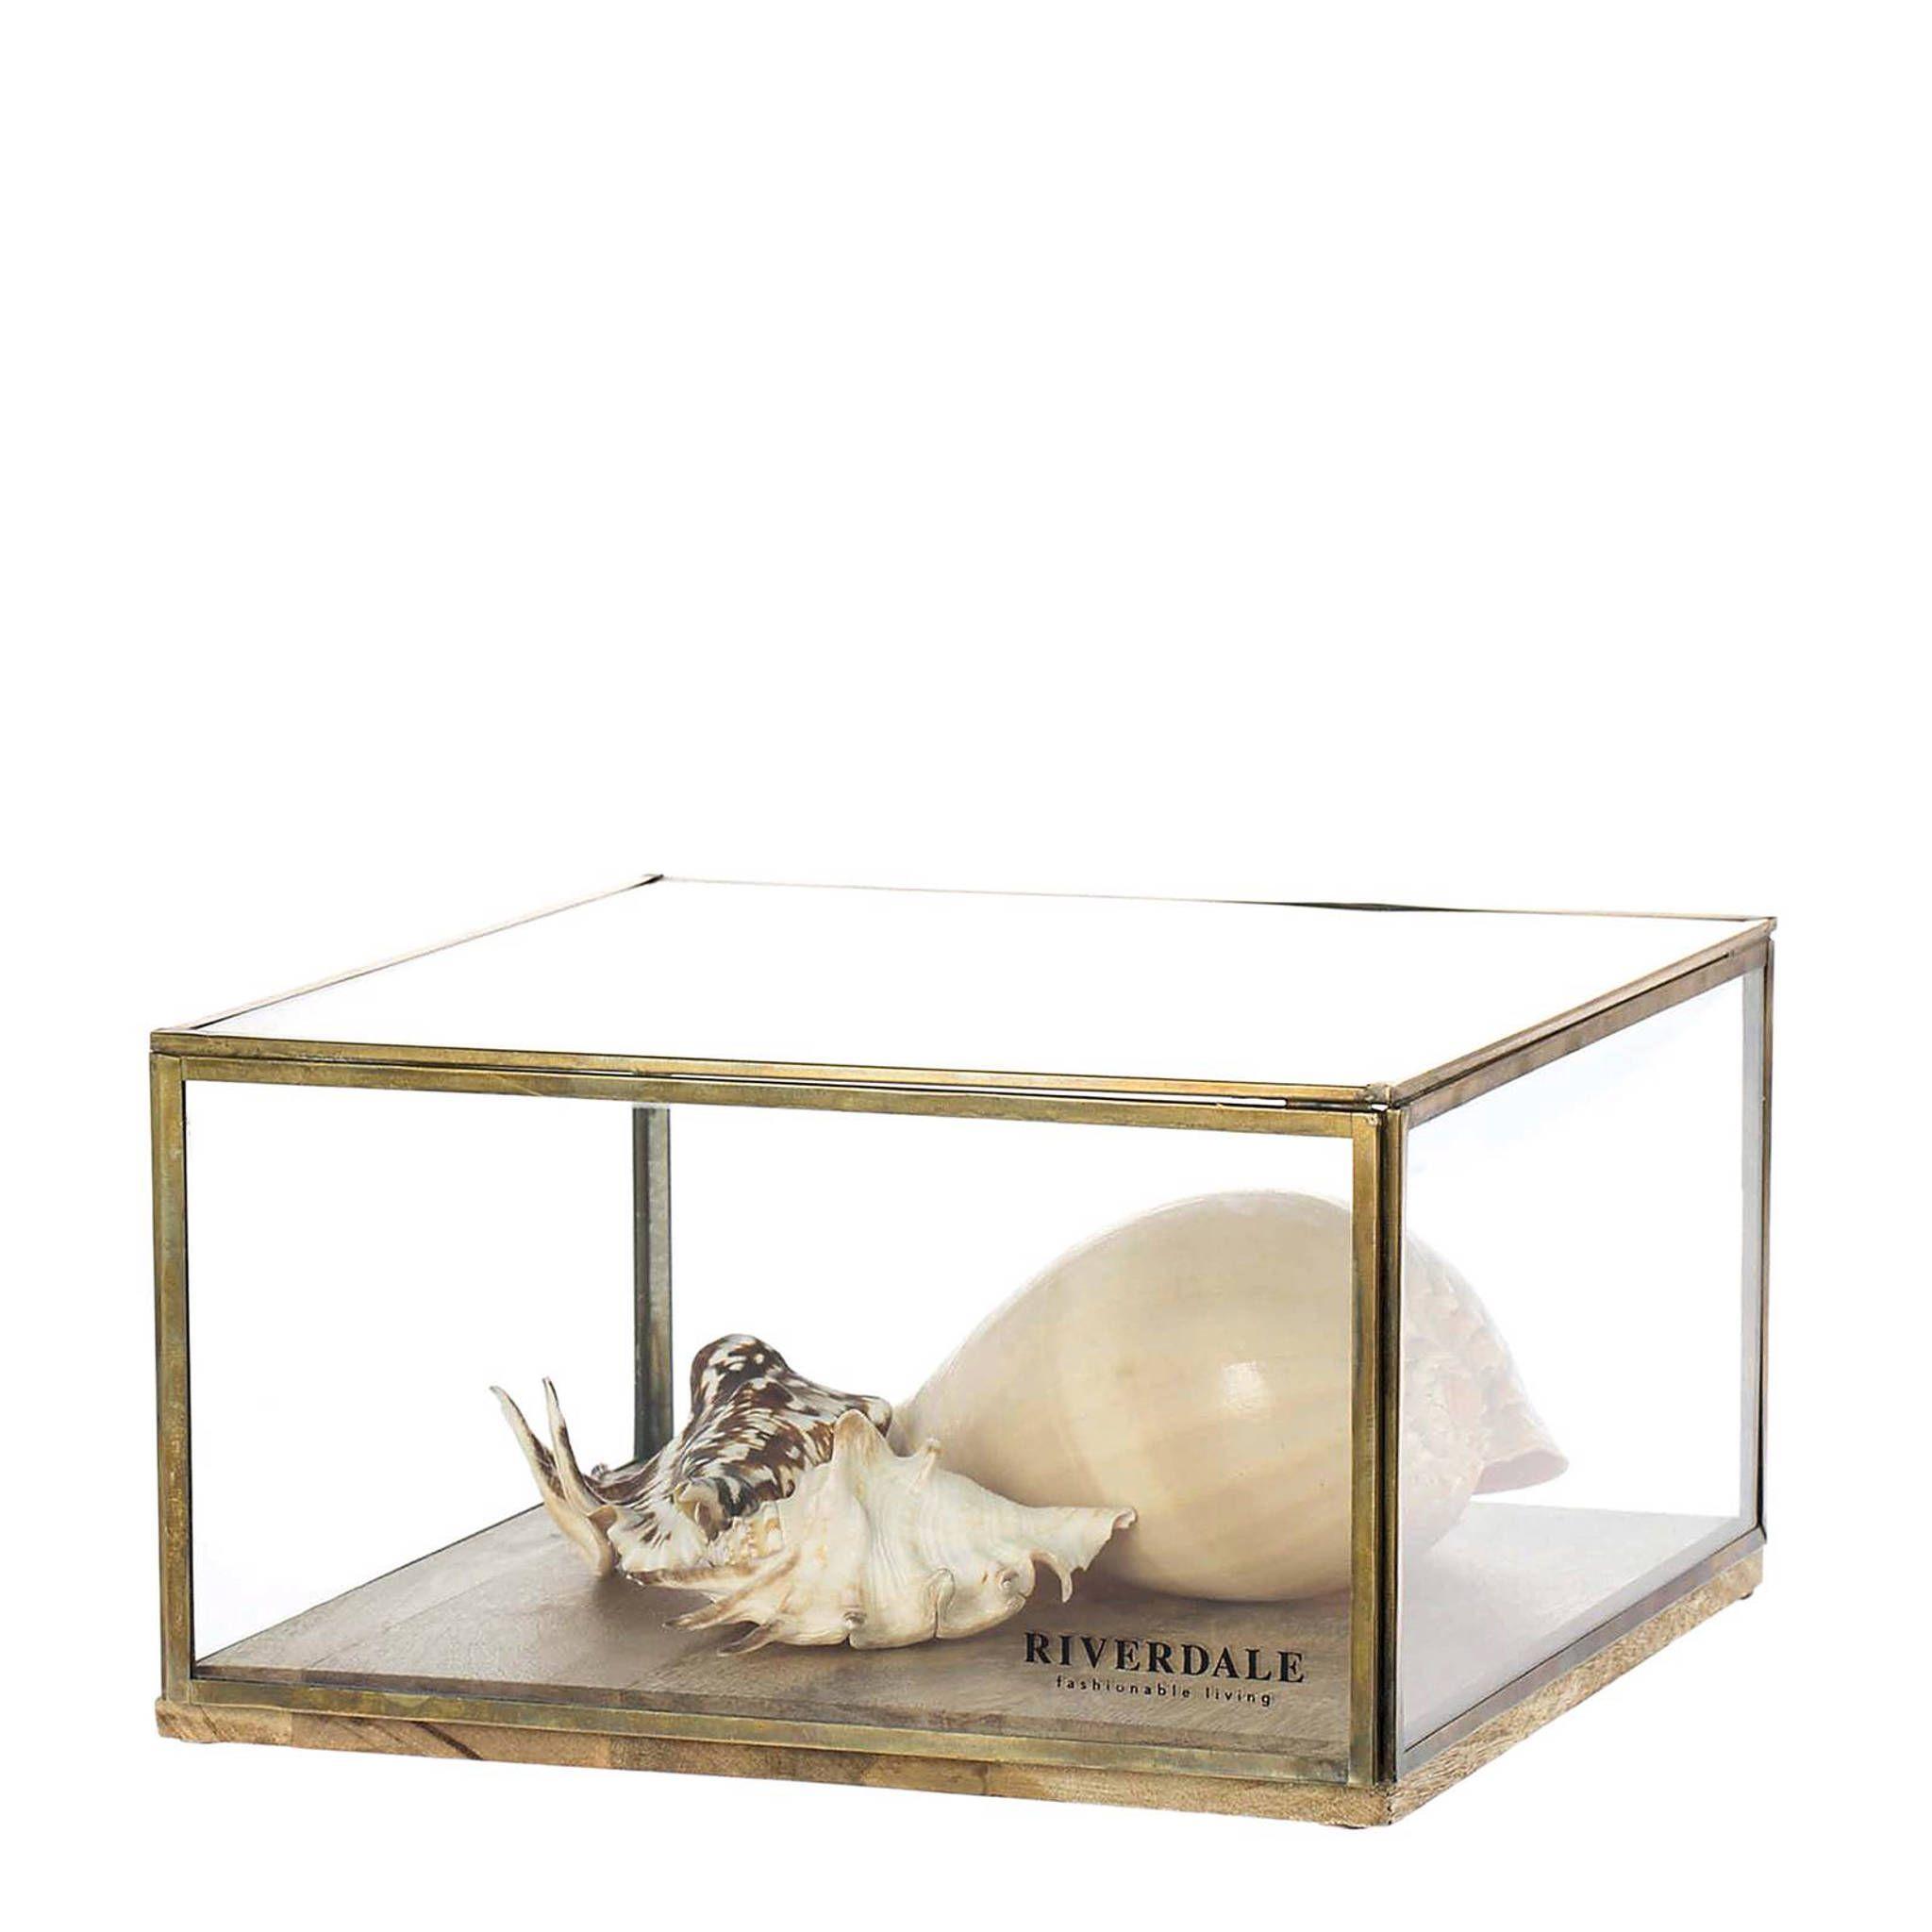 Riverdale displaybox #woonaccessoires Decoreer deze displaybox van Riverdale met jouw favoriete woonaccessoires of waardevolle vonst. De stijlvolle displaybox heeft een chique uitstraling #woonaccessoires